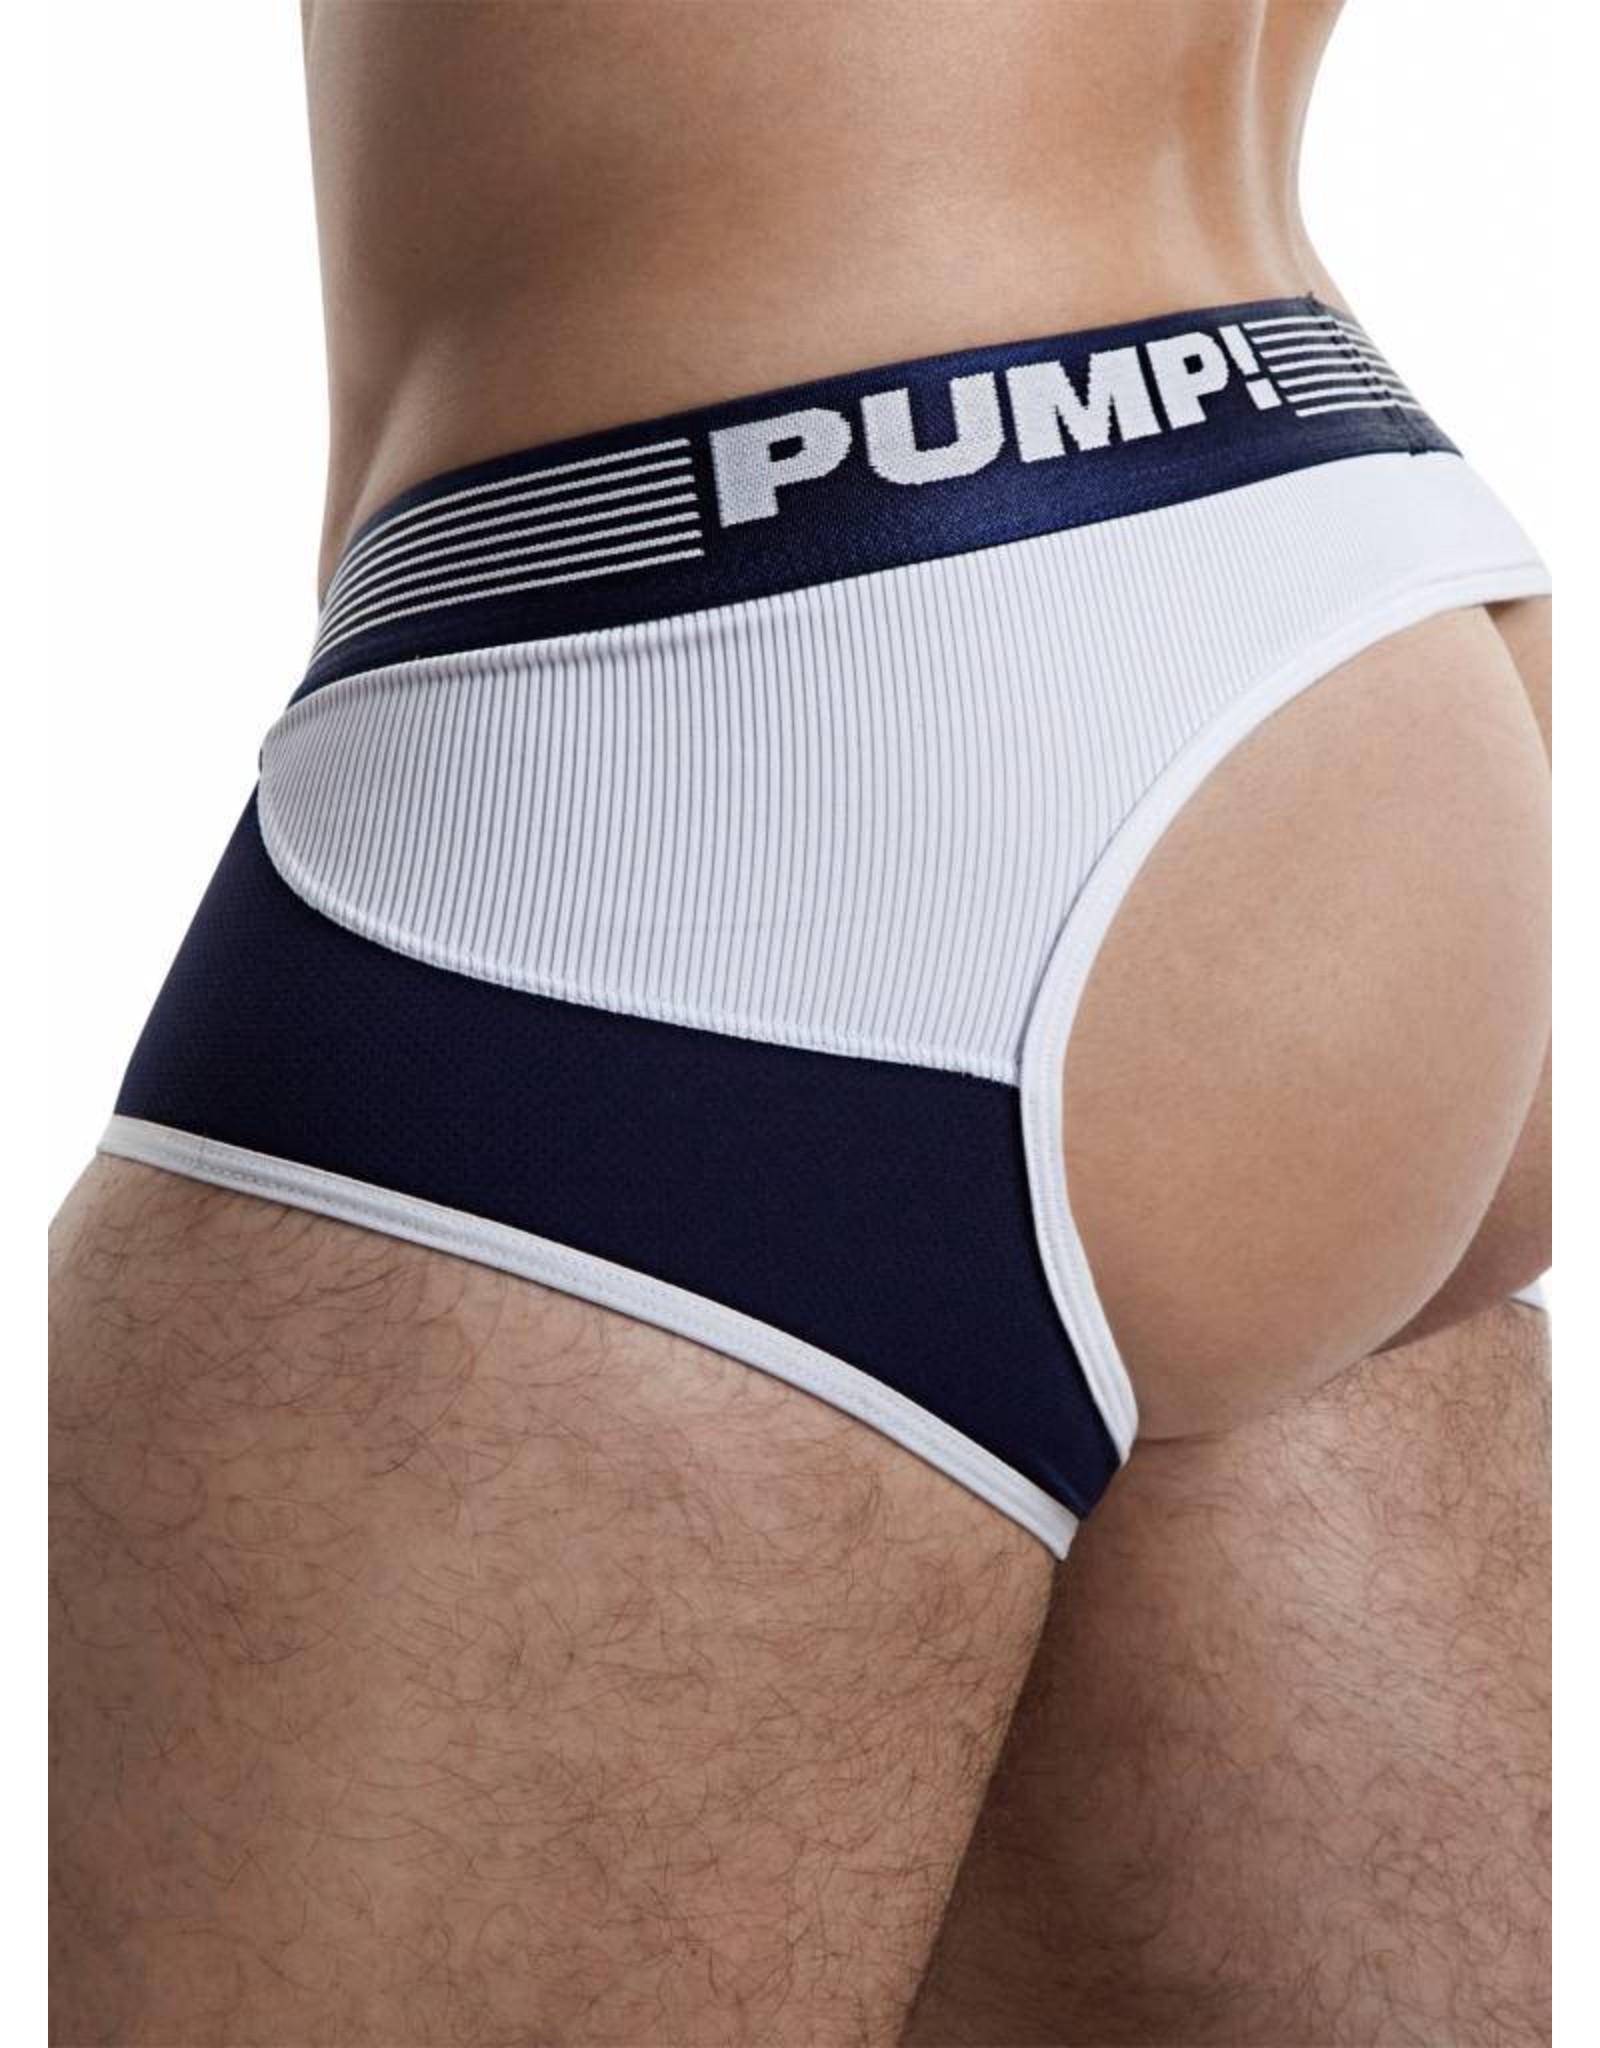 PUMP! PUMP! Access Trunk navy